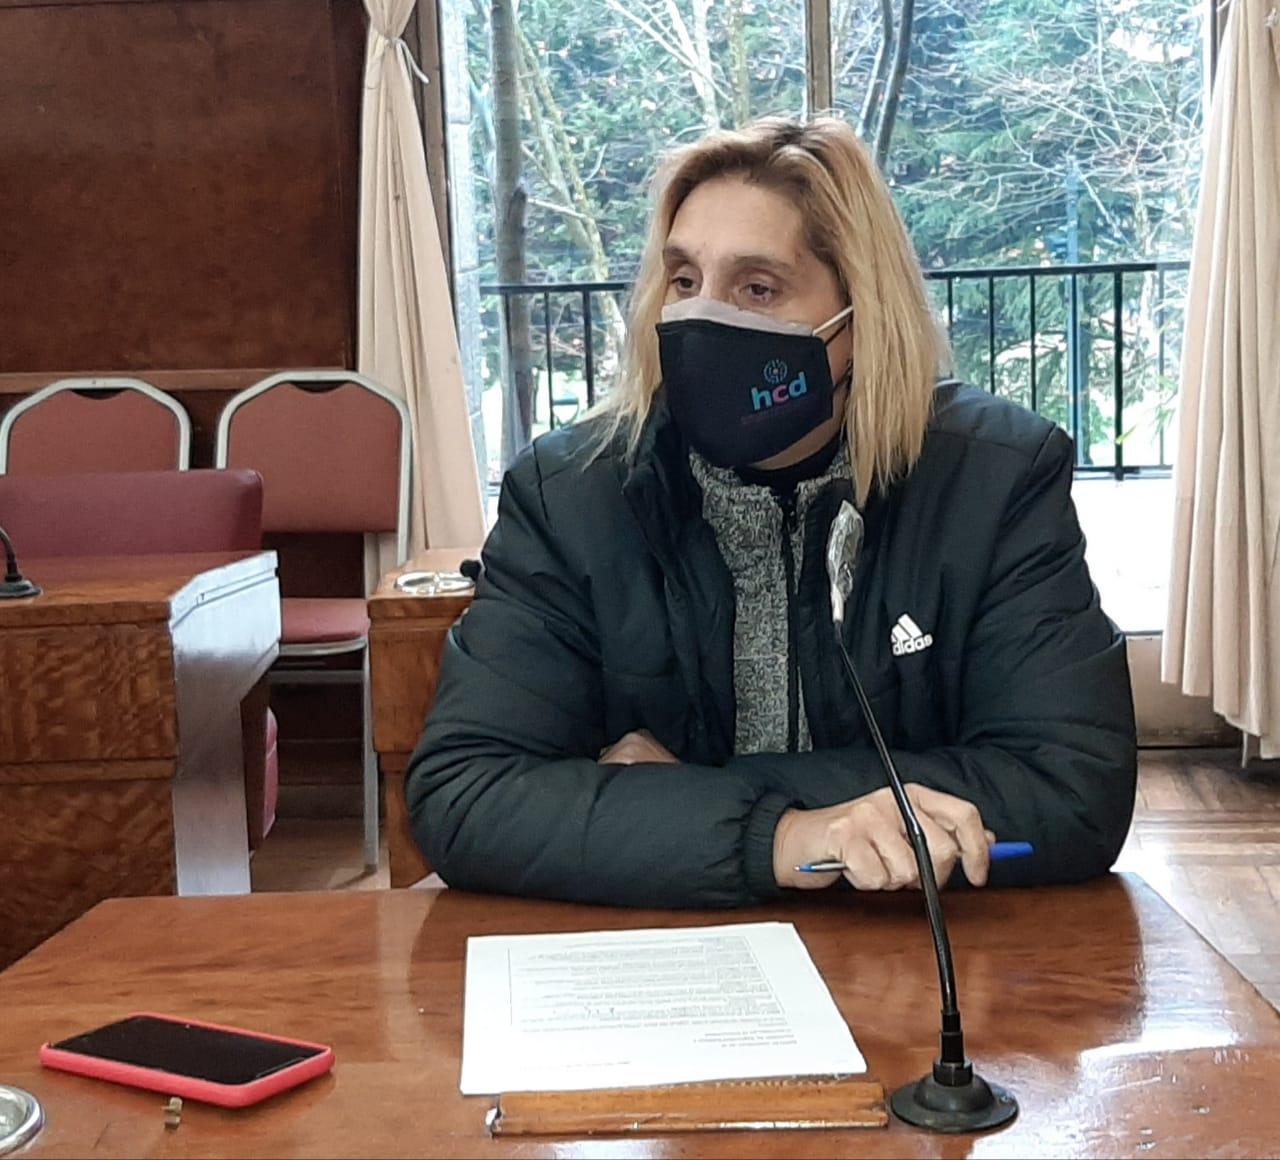 Baragiola vuelve a pedir la limpieza y apertura de calles en tierras del Barrio Aeroparque